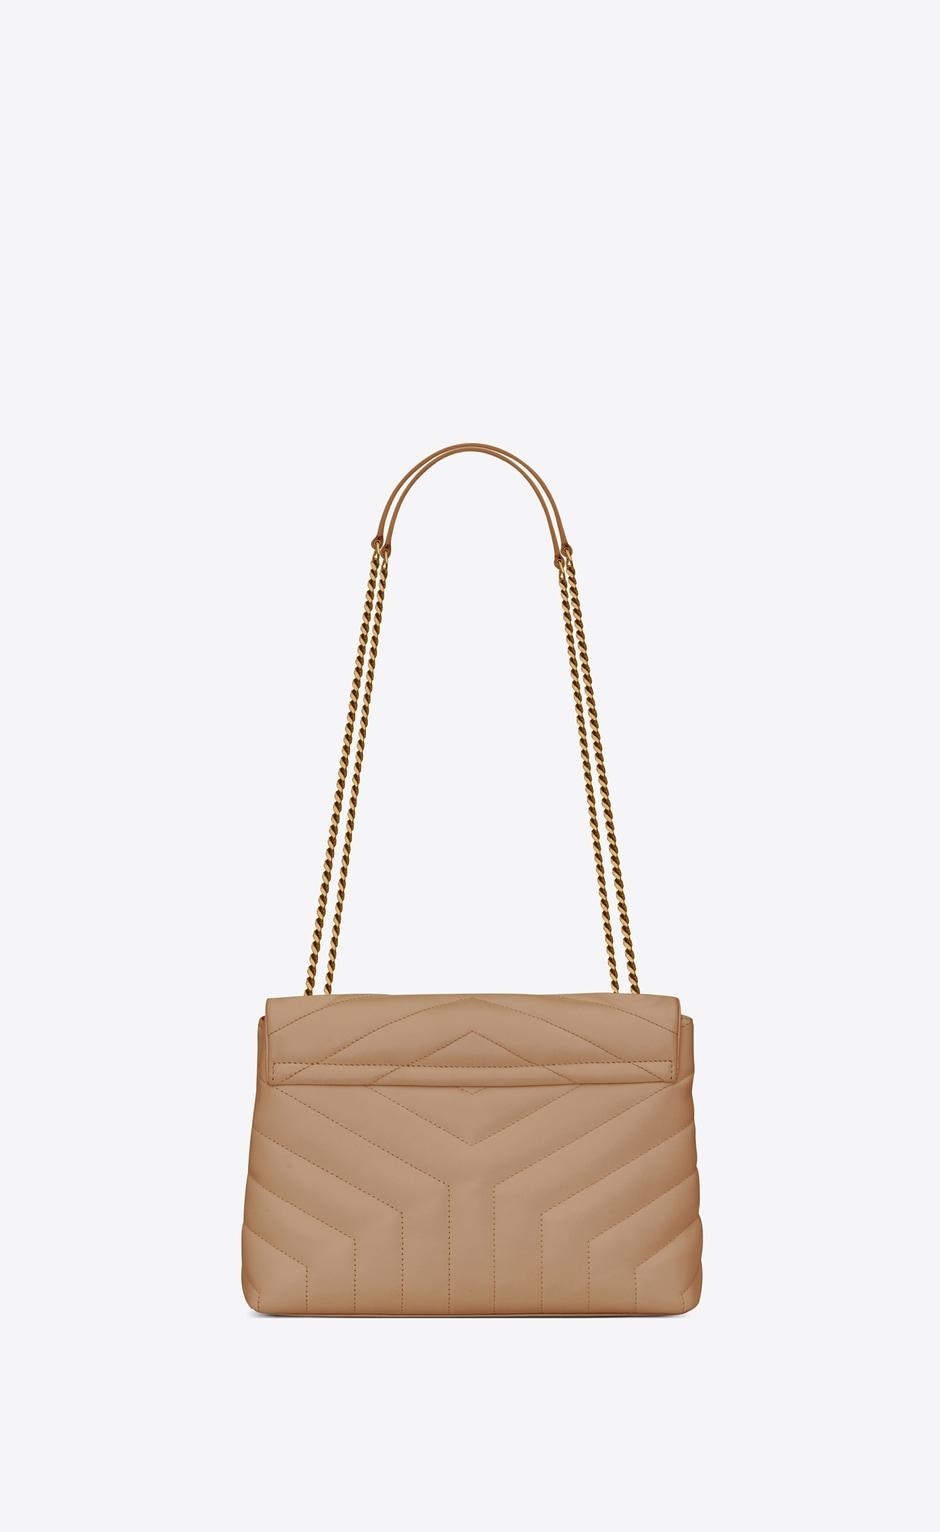 유럽직배송 입생로랑 SAINT LAURENT LOULOU small bag in Y-quilted leather  494699DV7272721